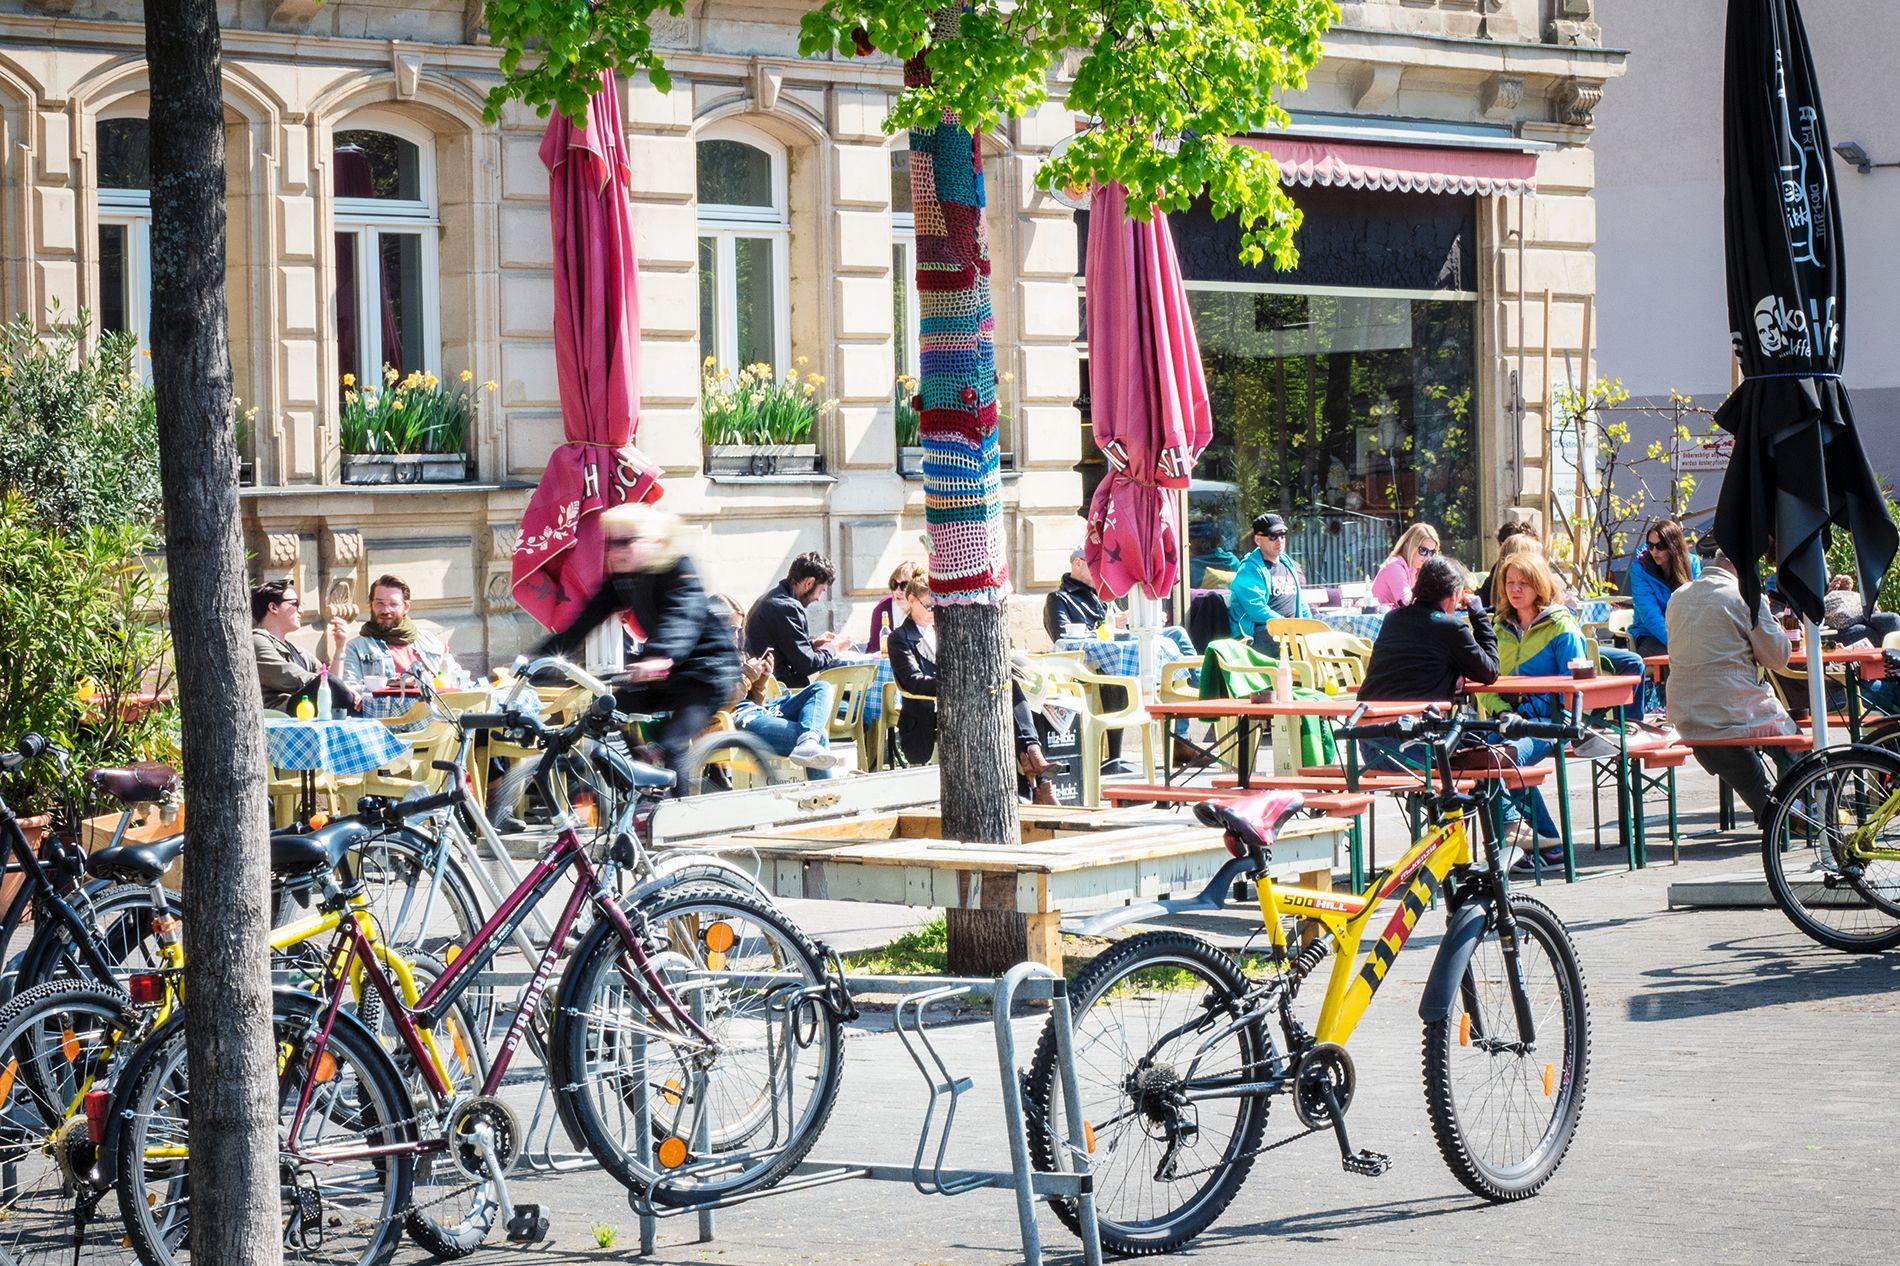 Stadtfuhrung Durch Gostenhof In Nurnberg Mit Bildern Stadtfuhrung Nurnberg Stadt